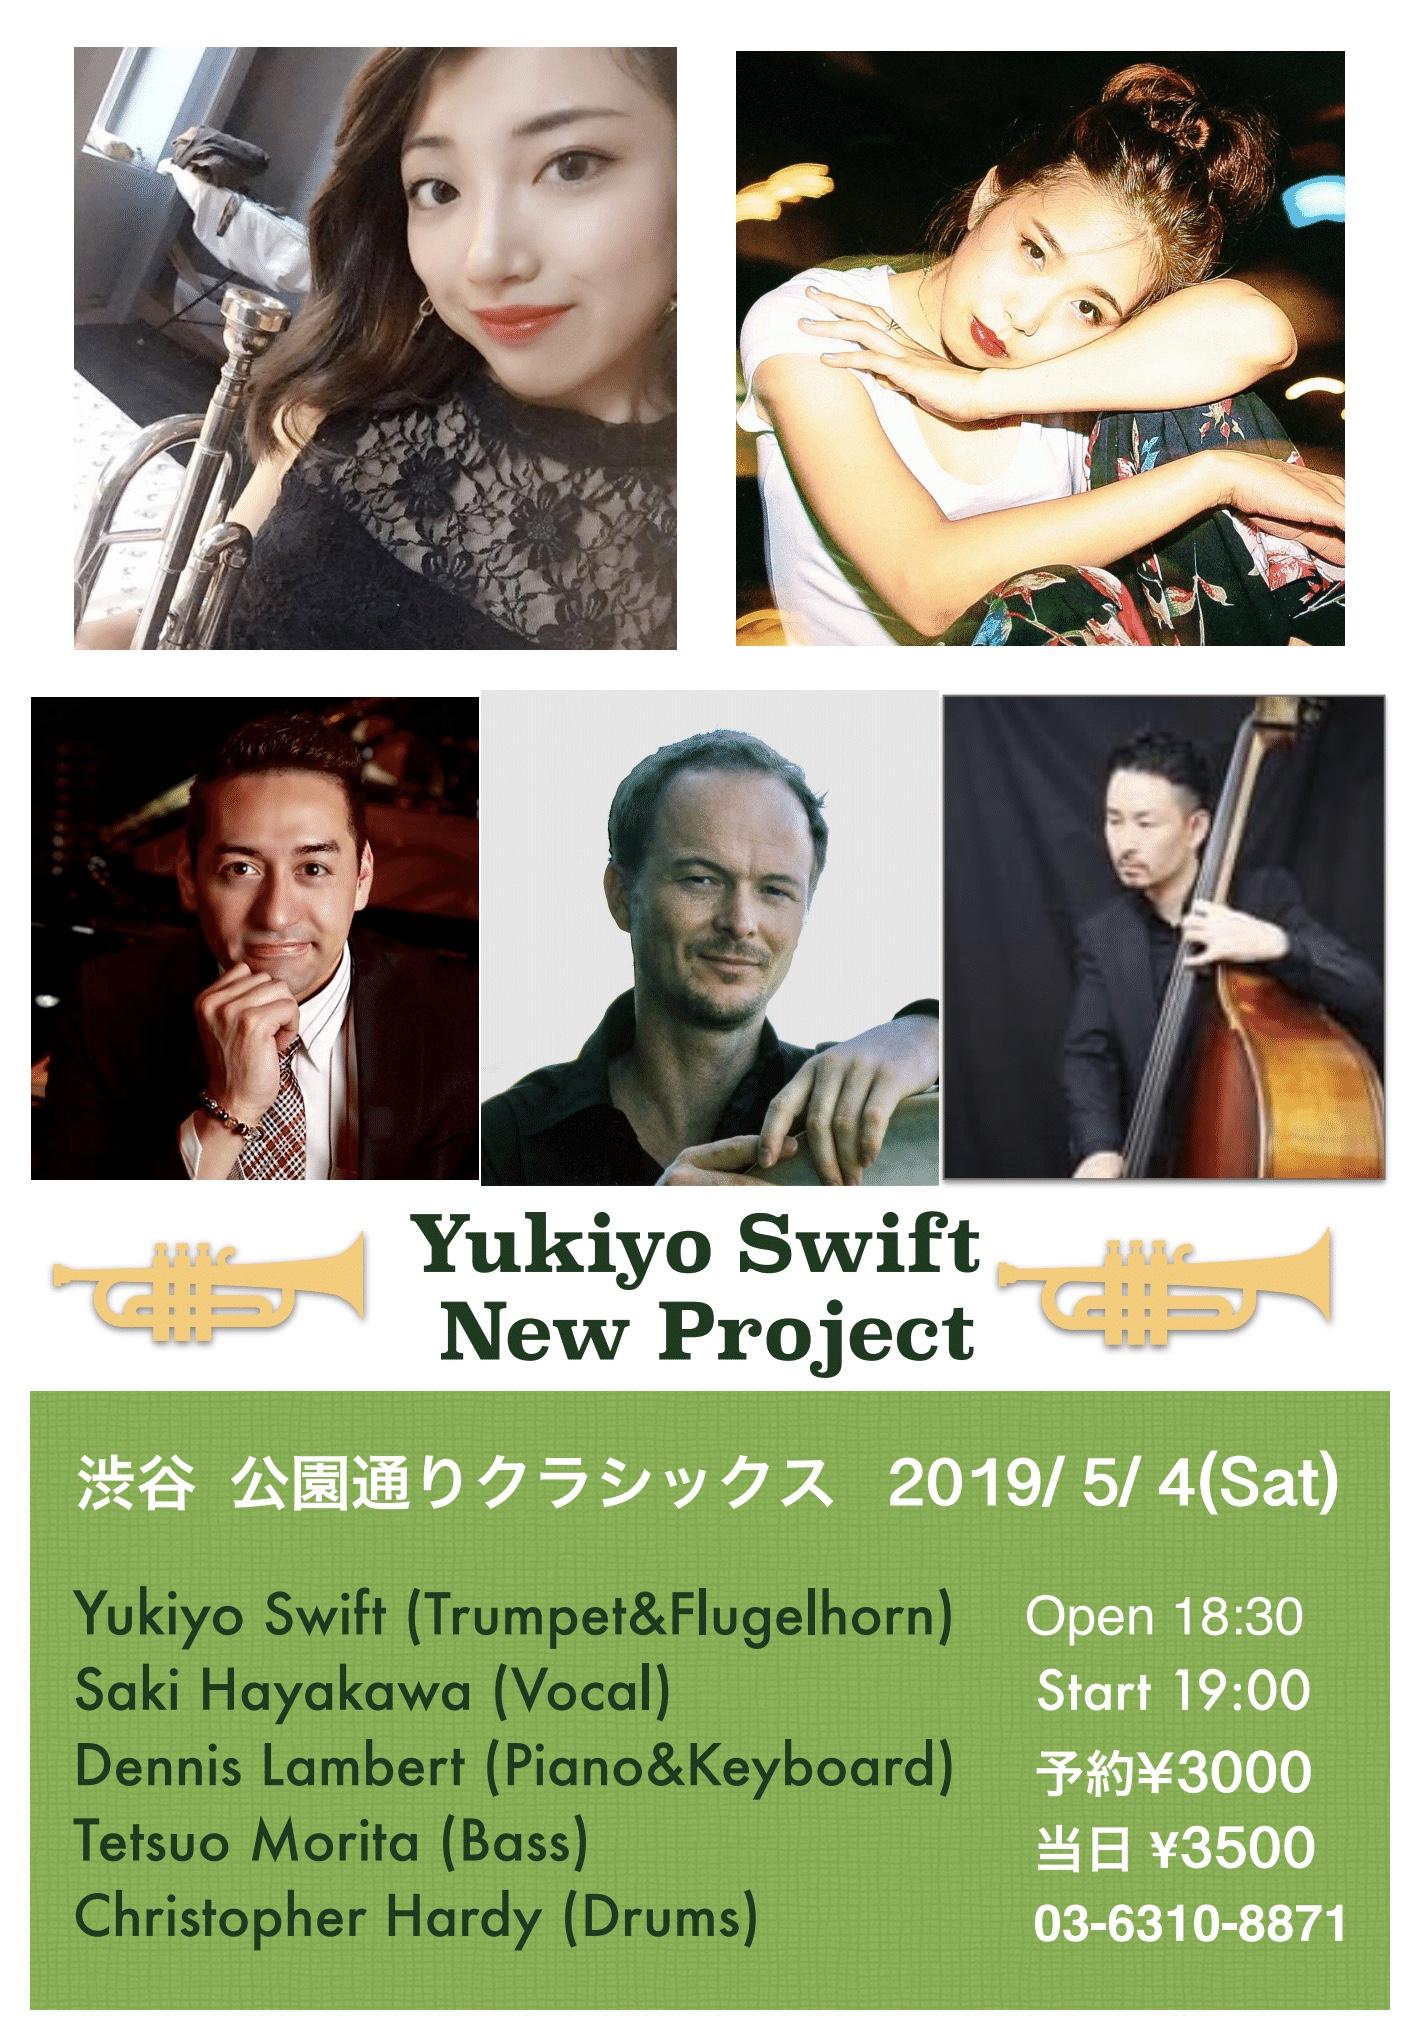 Yukiyo Swift New Project